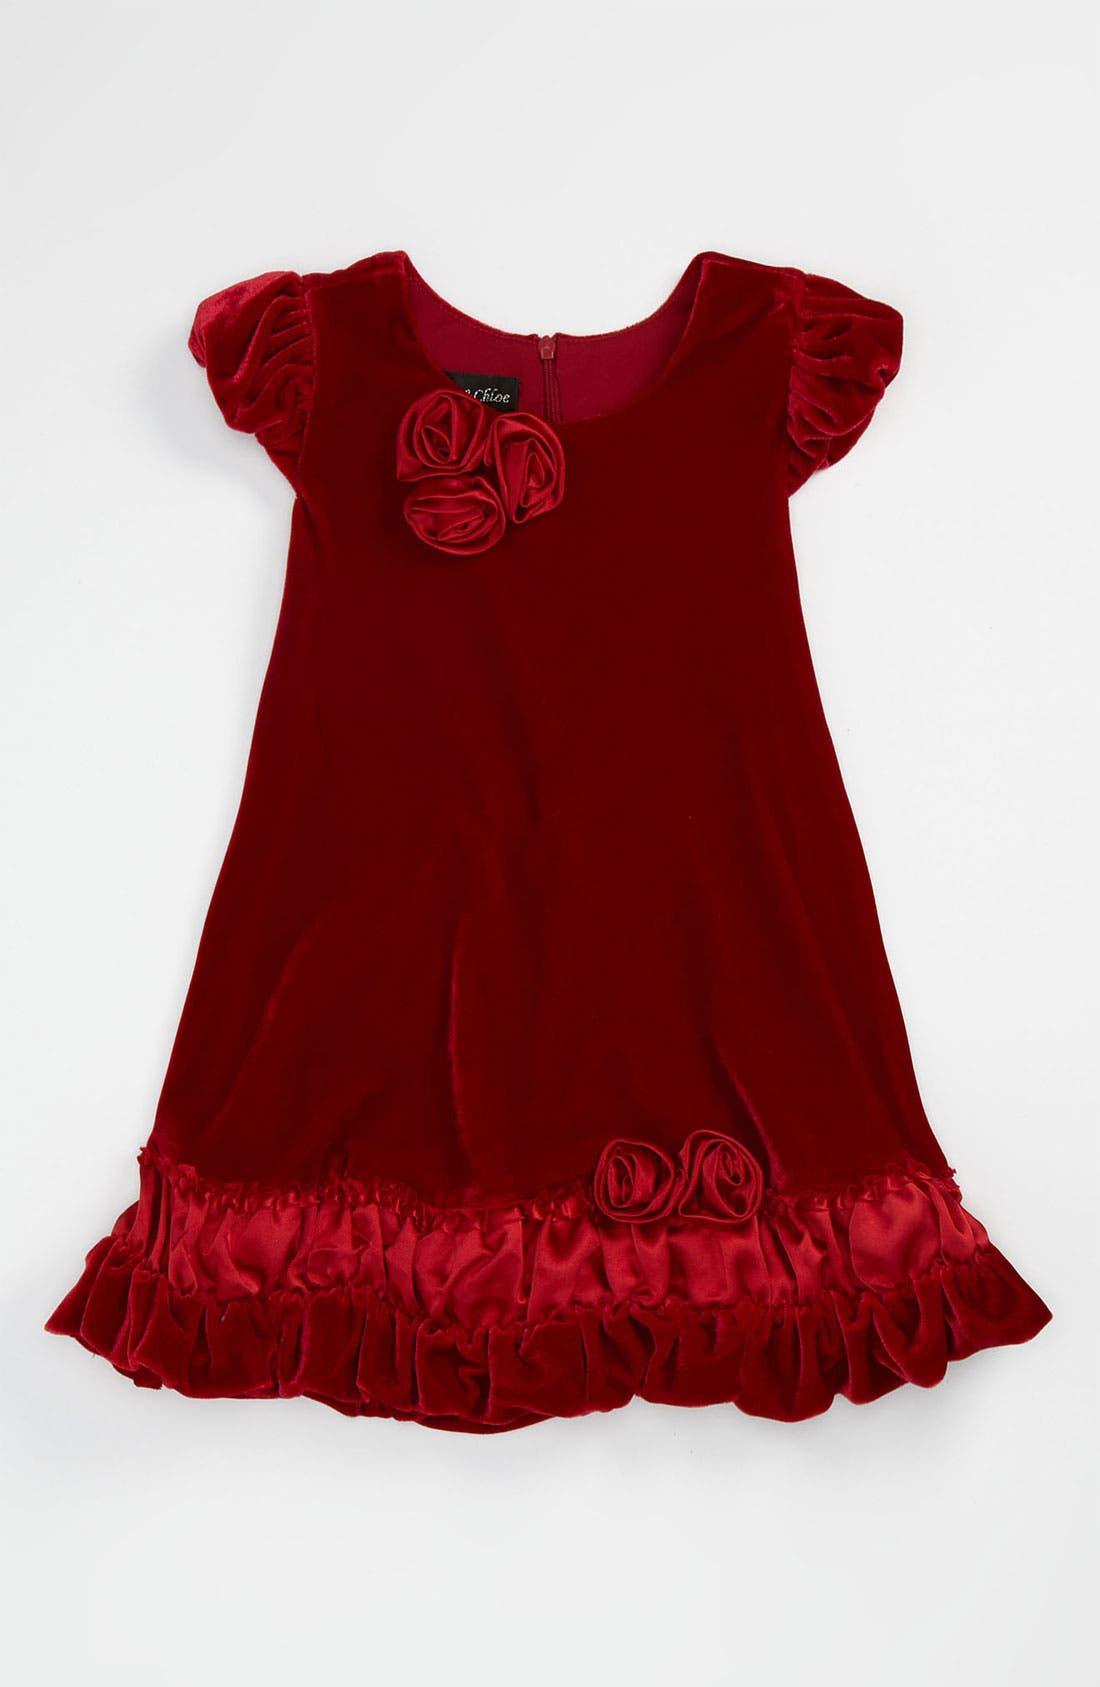 Main Image - Isobella & Chloe Velvet Dress (Toddler)